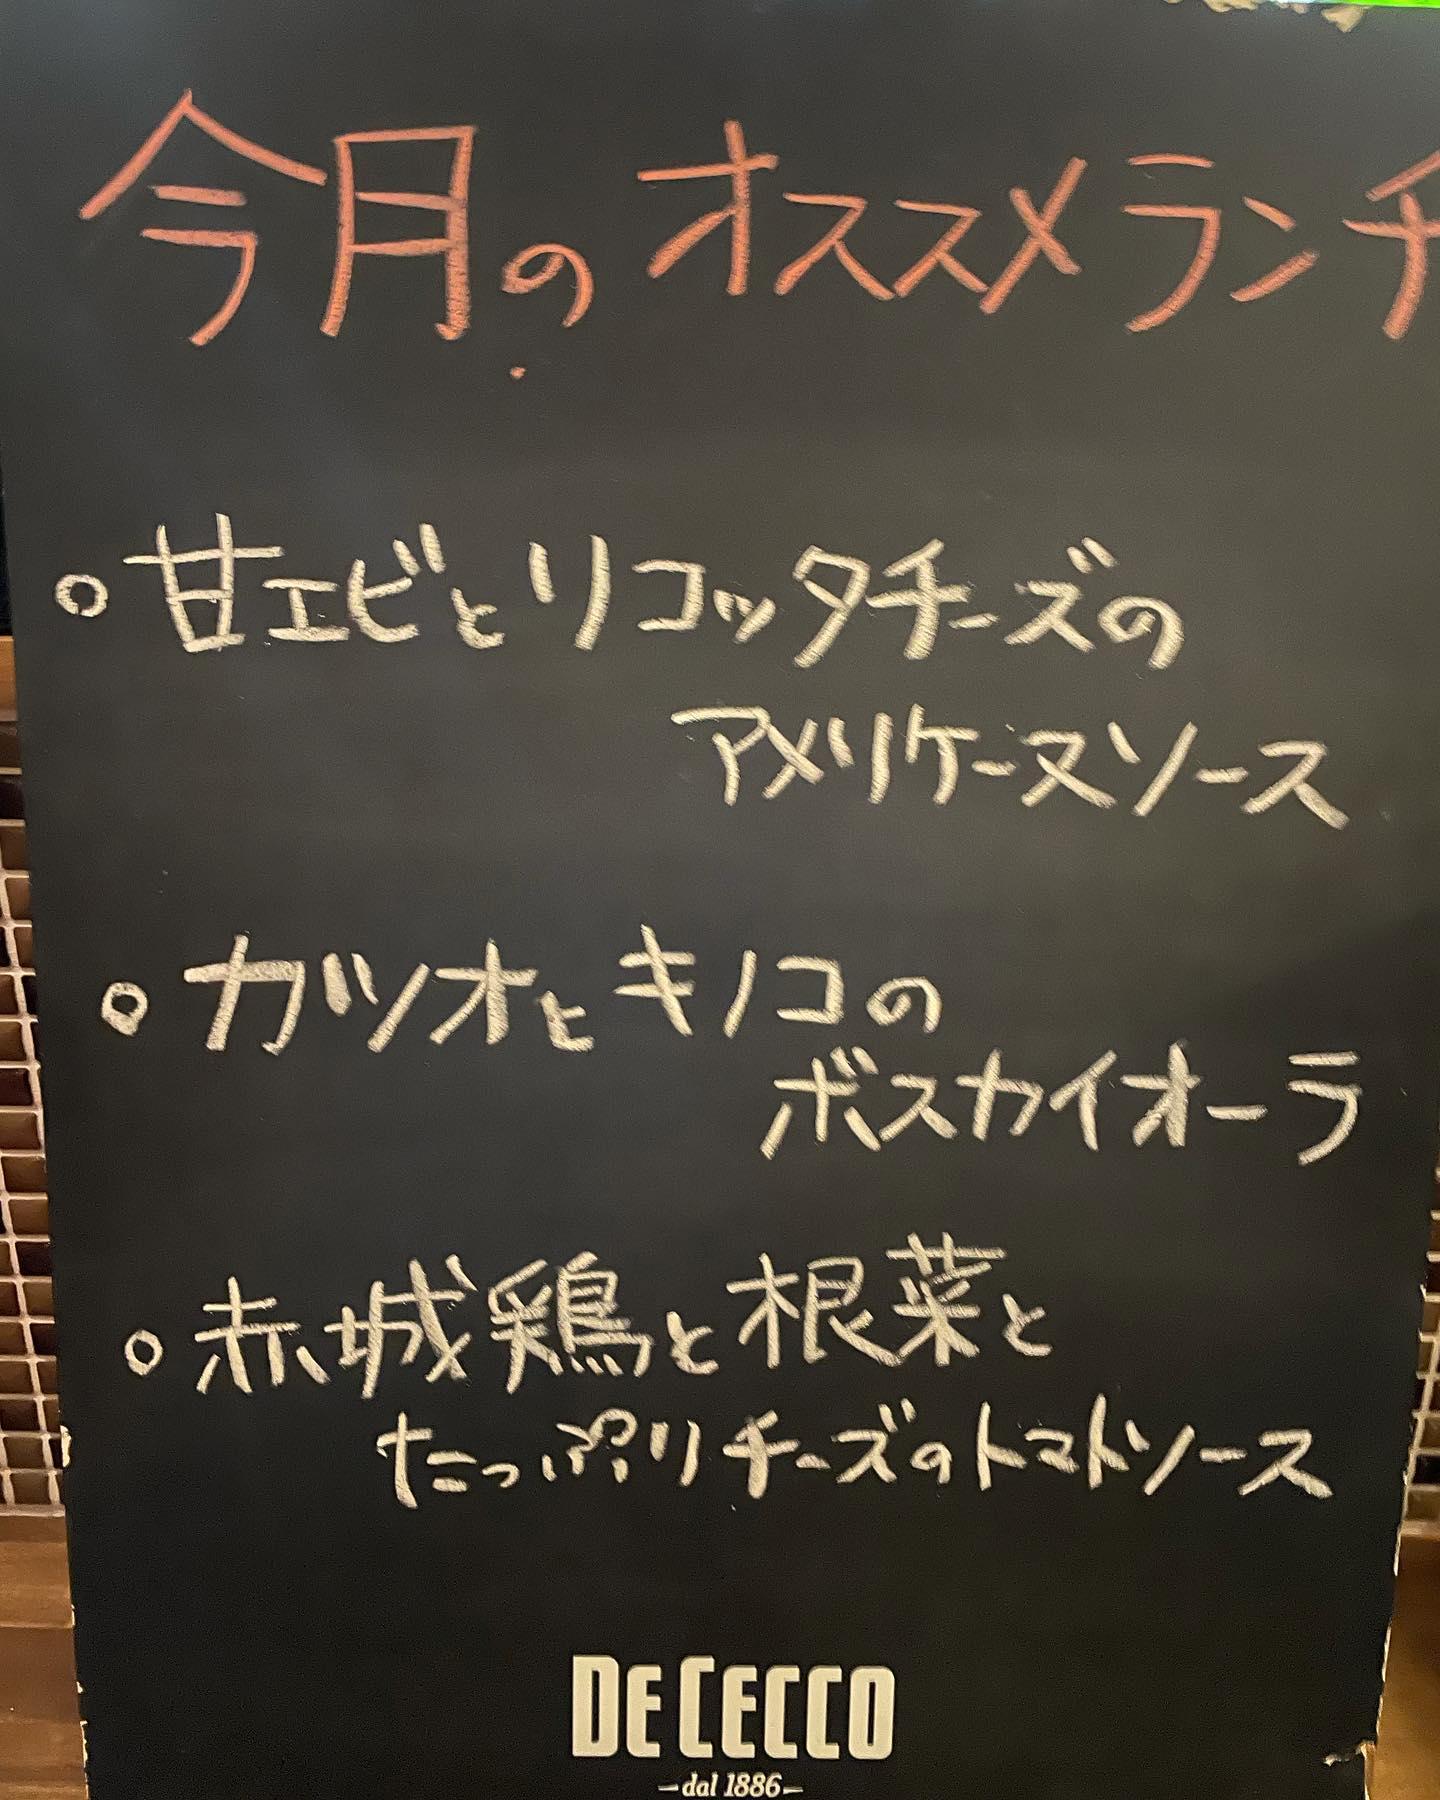 おはようございます️ 10月のオススメランチ出来ました それぞれスタッフからの説明です  ○甘エビとリコッタチーズのアメリケーヌソース  甘エビの頭と殻からとった濃厚な出汁を使ったトマトソース。 茹で上げた麺と和えたら、エビの身にさっと火を入れて甘みを引き出します 仕上げのリコッタチーズでコクをプラスした旨味たっぷりのパスタです  ○カツオとキノコのボスカイオーラ  秋の味覚の【キノコ】をふんだんに使いましたレアに火を通したカツオを加えオレガノの香りが食欲をそそる一皿です  ○赤城鶏と根菜とたっぷりチーズのトマトソース  根菜はミネラルが多く含まれていて、体を温める効果があるといわれてます♂️ 少し肌寒くなってきた今にいかがでしょうか 赤城鶏の旨みと根菜のシャキシャキした食感にチーズが溶けて満腹感のある仕上がりです  本日ランチより️ よろしくお願いします🏻  #カウンター席 あります 美味しいグラスワインあります #肉の盛り合わせ  手打ちパスタ ピッツァ #イタリア料理  パラヴィーノワインアカウント @paravino.vino パラヴィーノテイクアウトアカウント @paravino.takeout